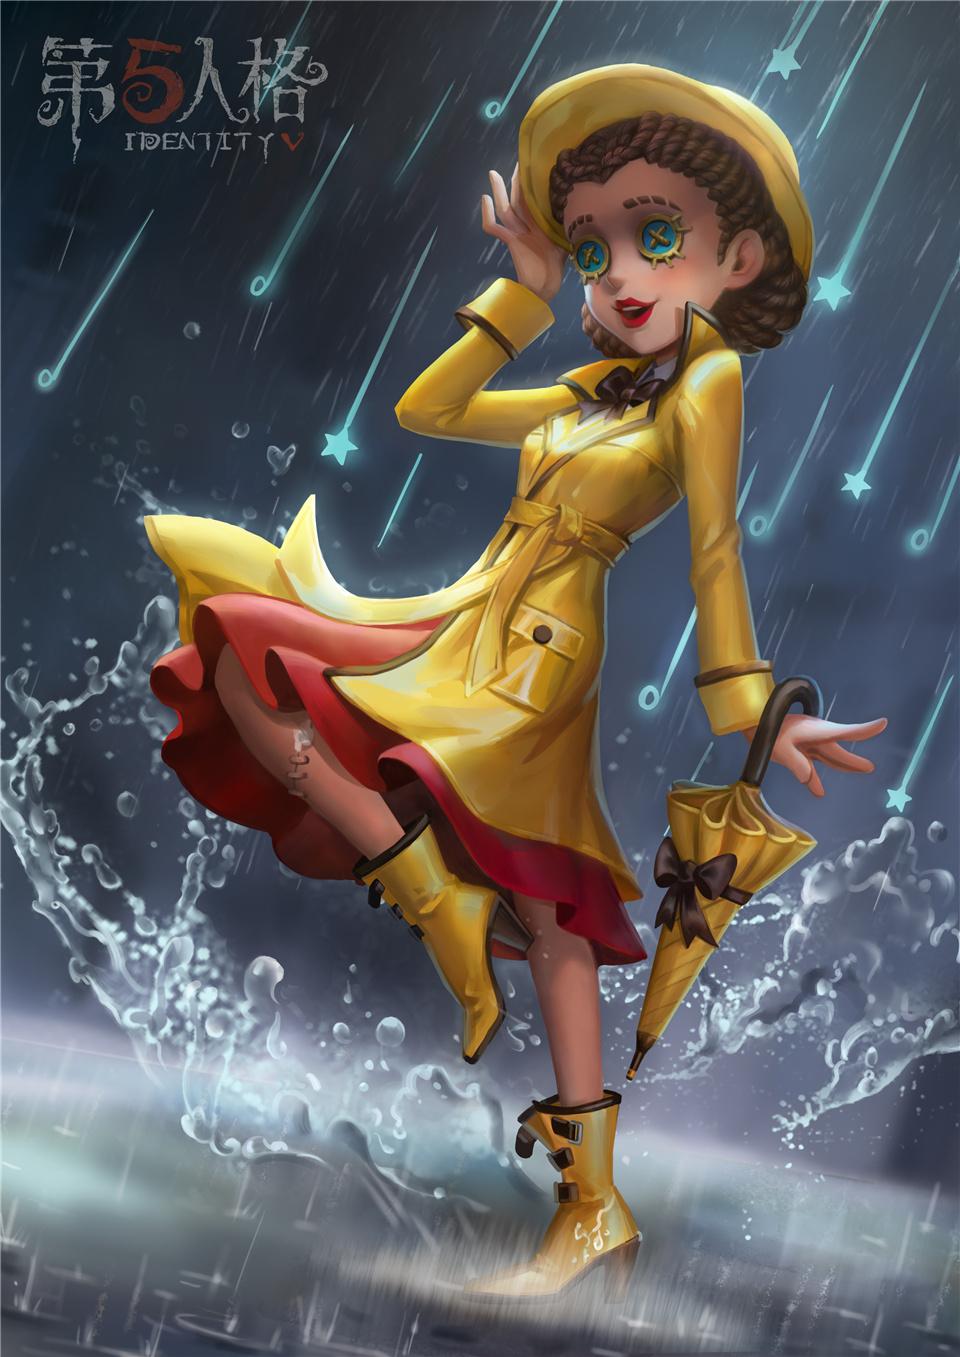 在细雨中欢唱 《第五人格》医生演绎之星时装即将上架